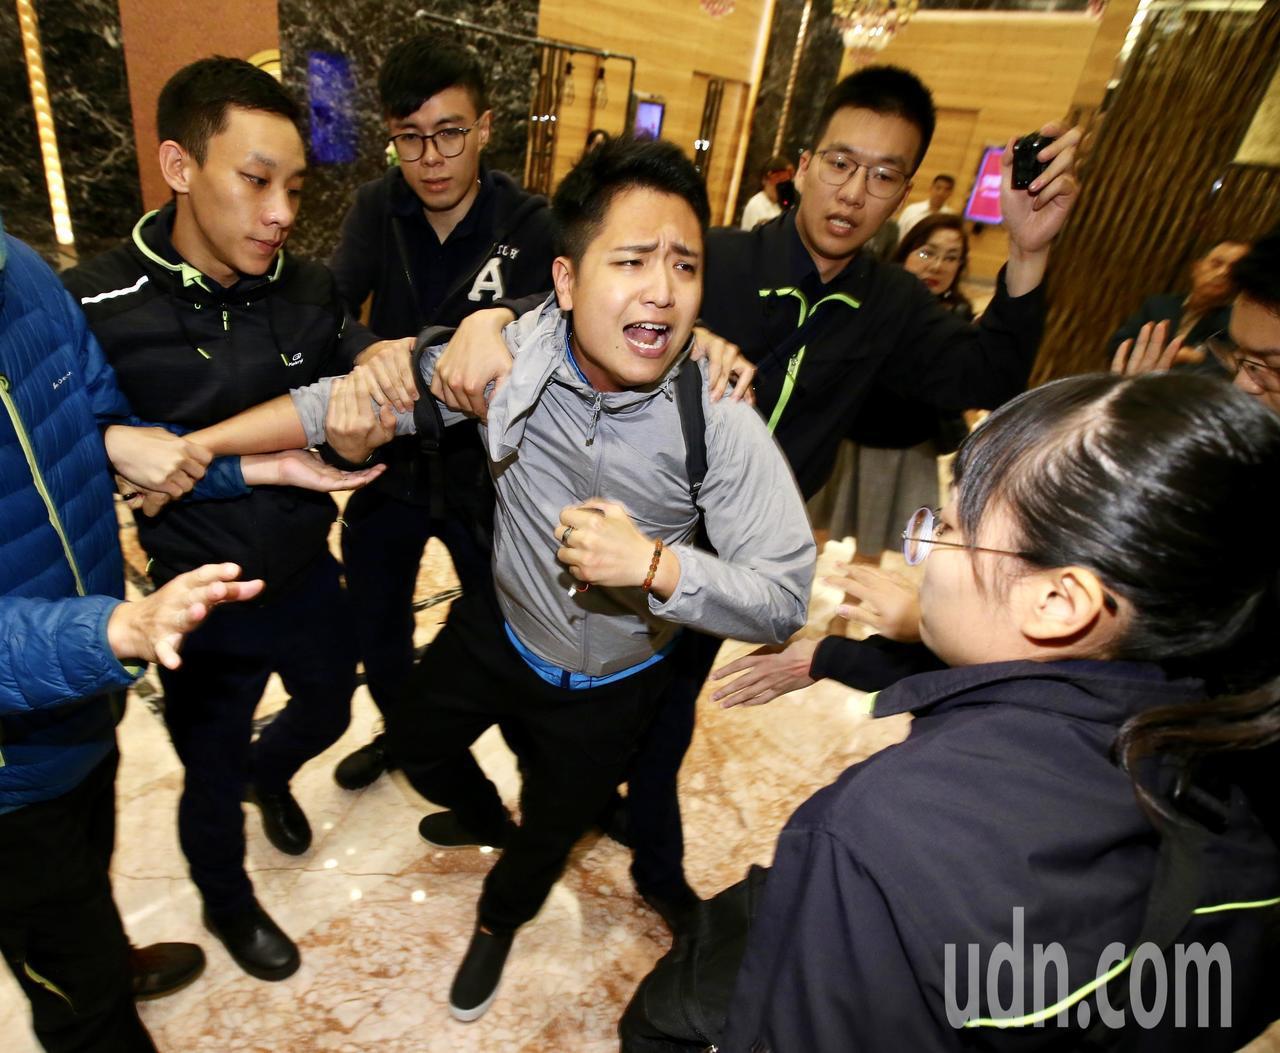 前總統陳水扁晚上在台北參與餐會,統派團體成員衝進飯店抗議,和警方及支持者發生衝突...